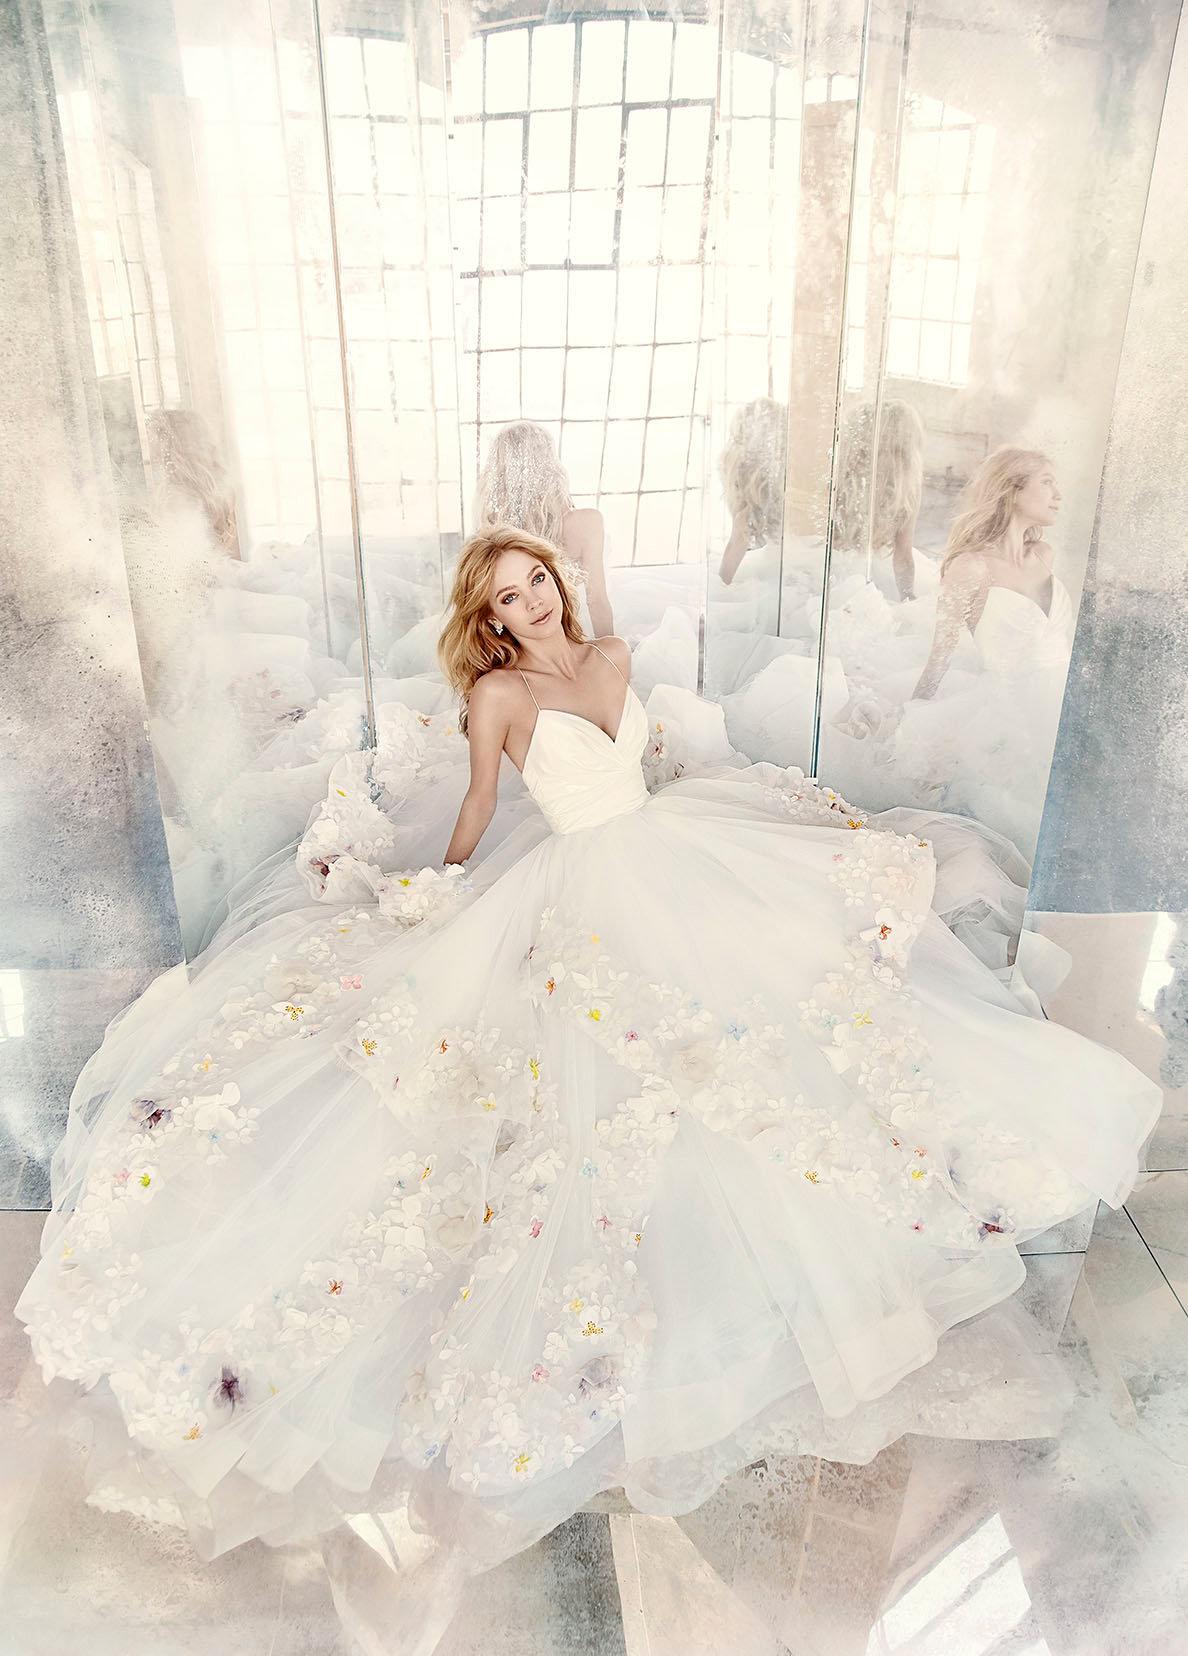 Hayley Paige Il Suo Matrimonio